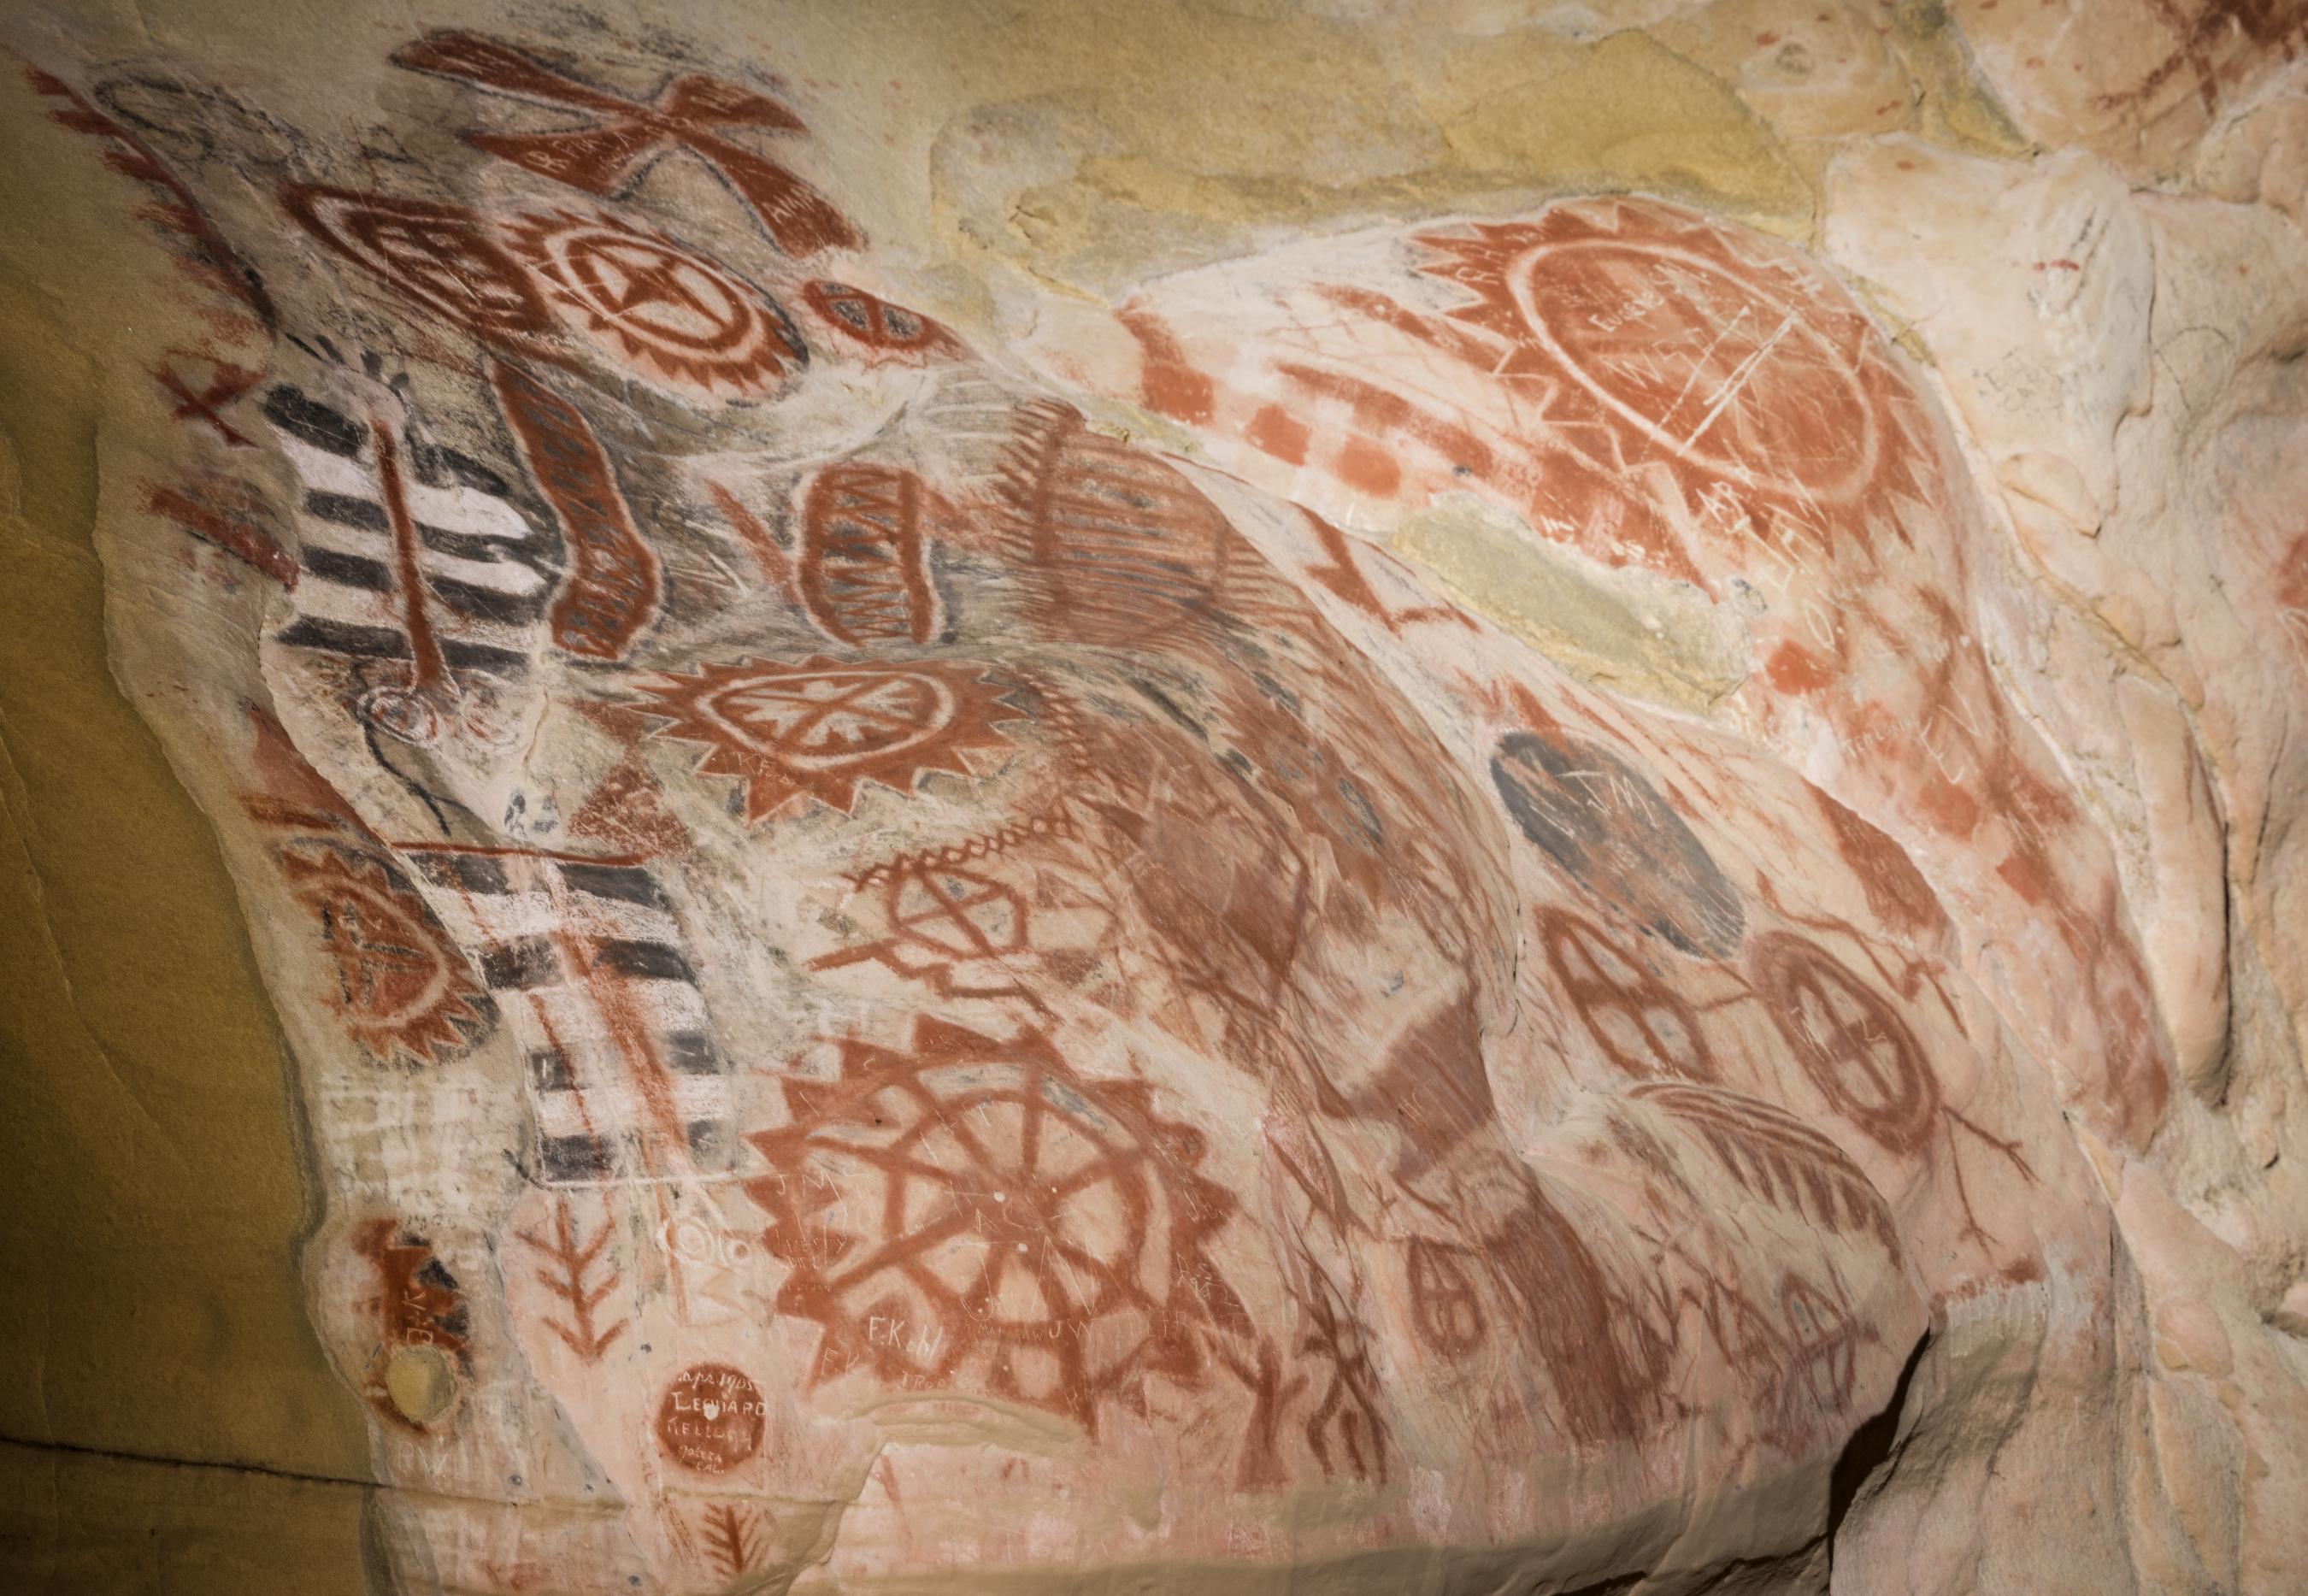 Petroglyphs at Chumash Painted Cave State Historic Park, high above Santa  Barbara, California | Library of Congress